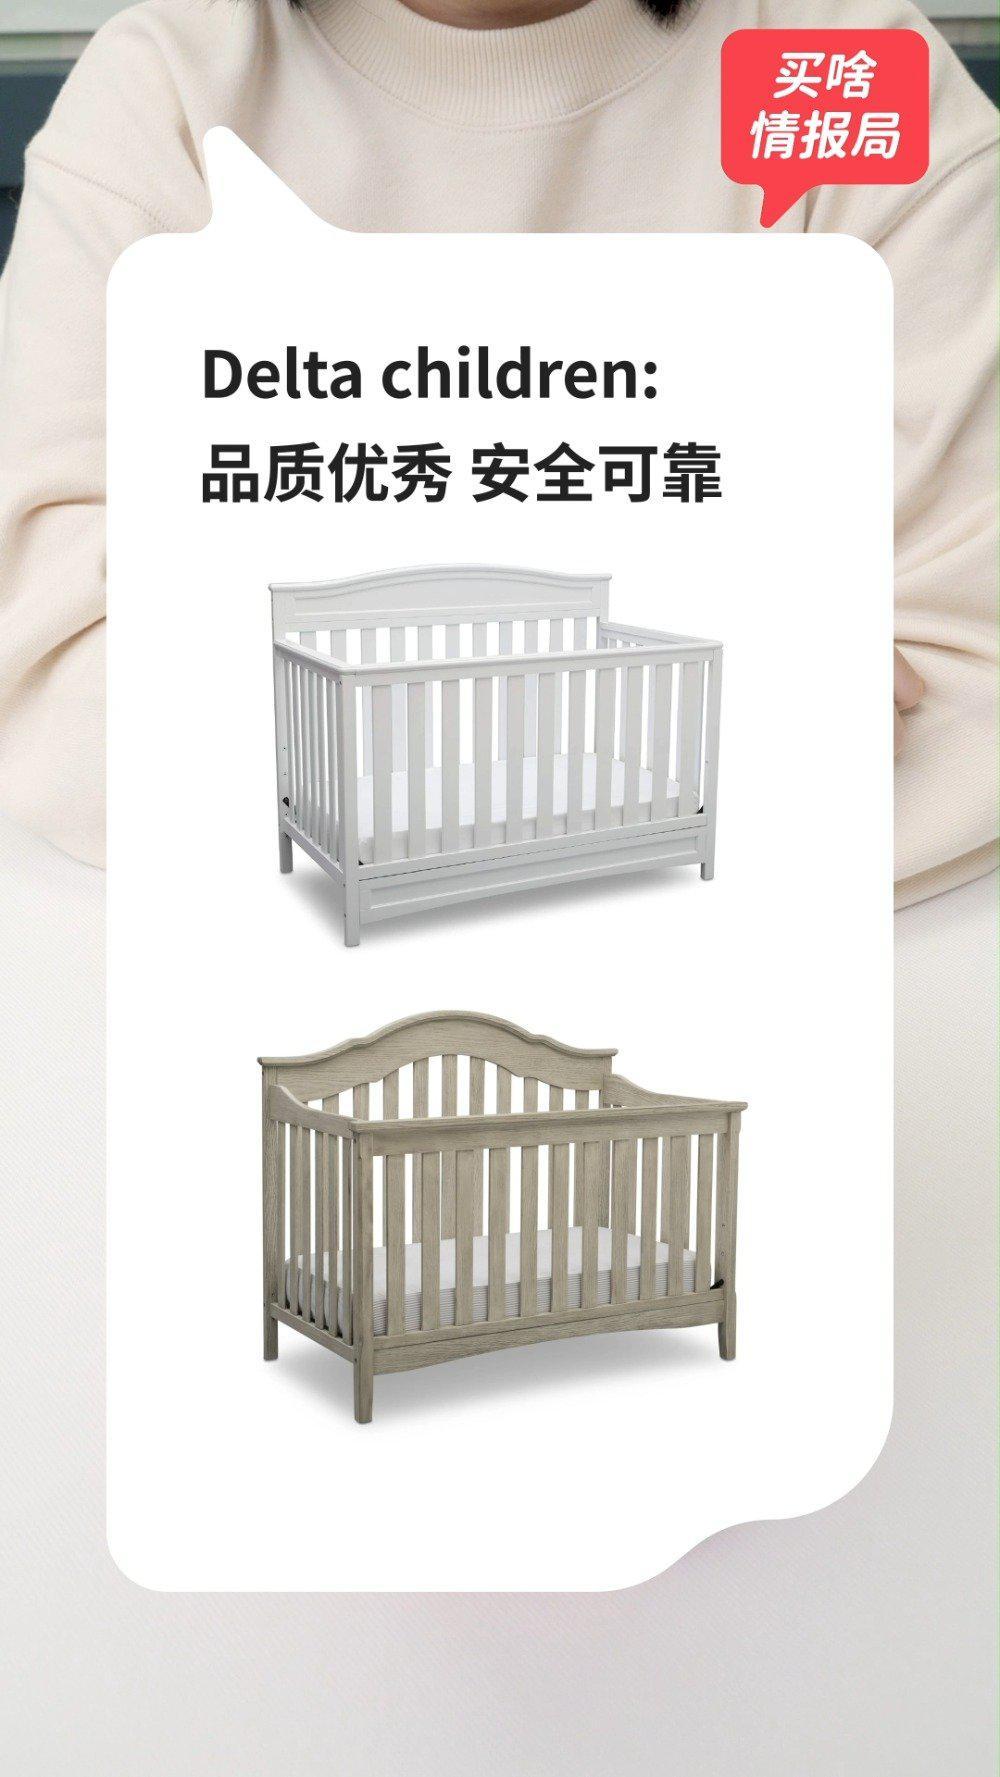 宝妈宝爸和宝宝睡在同一张床上…………